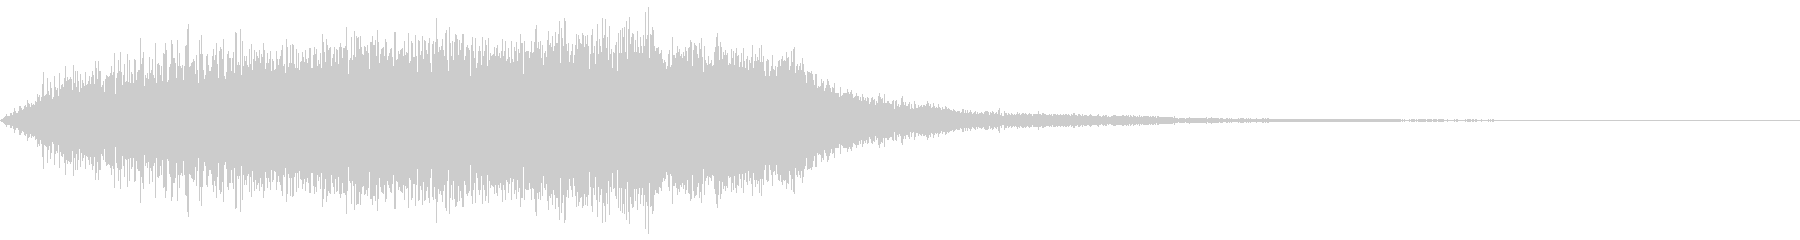 【ダーク・ホラー】アトモスフィア_13の未再生の波形